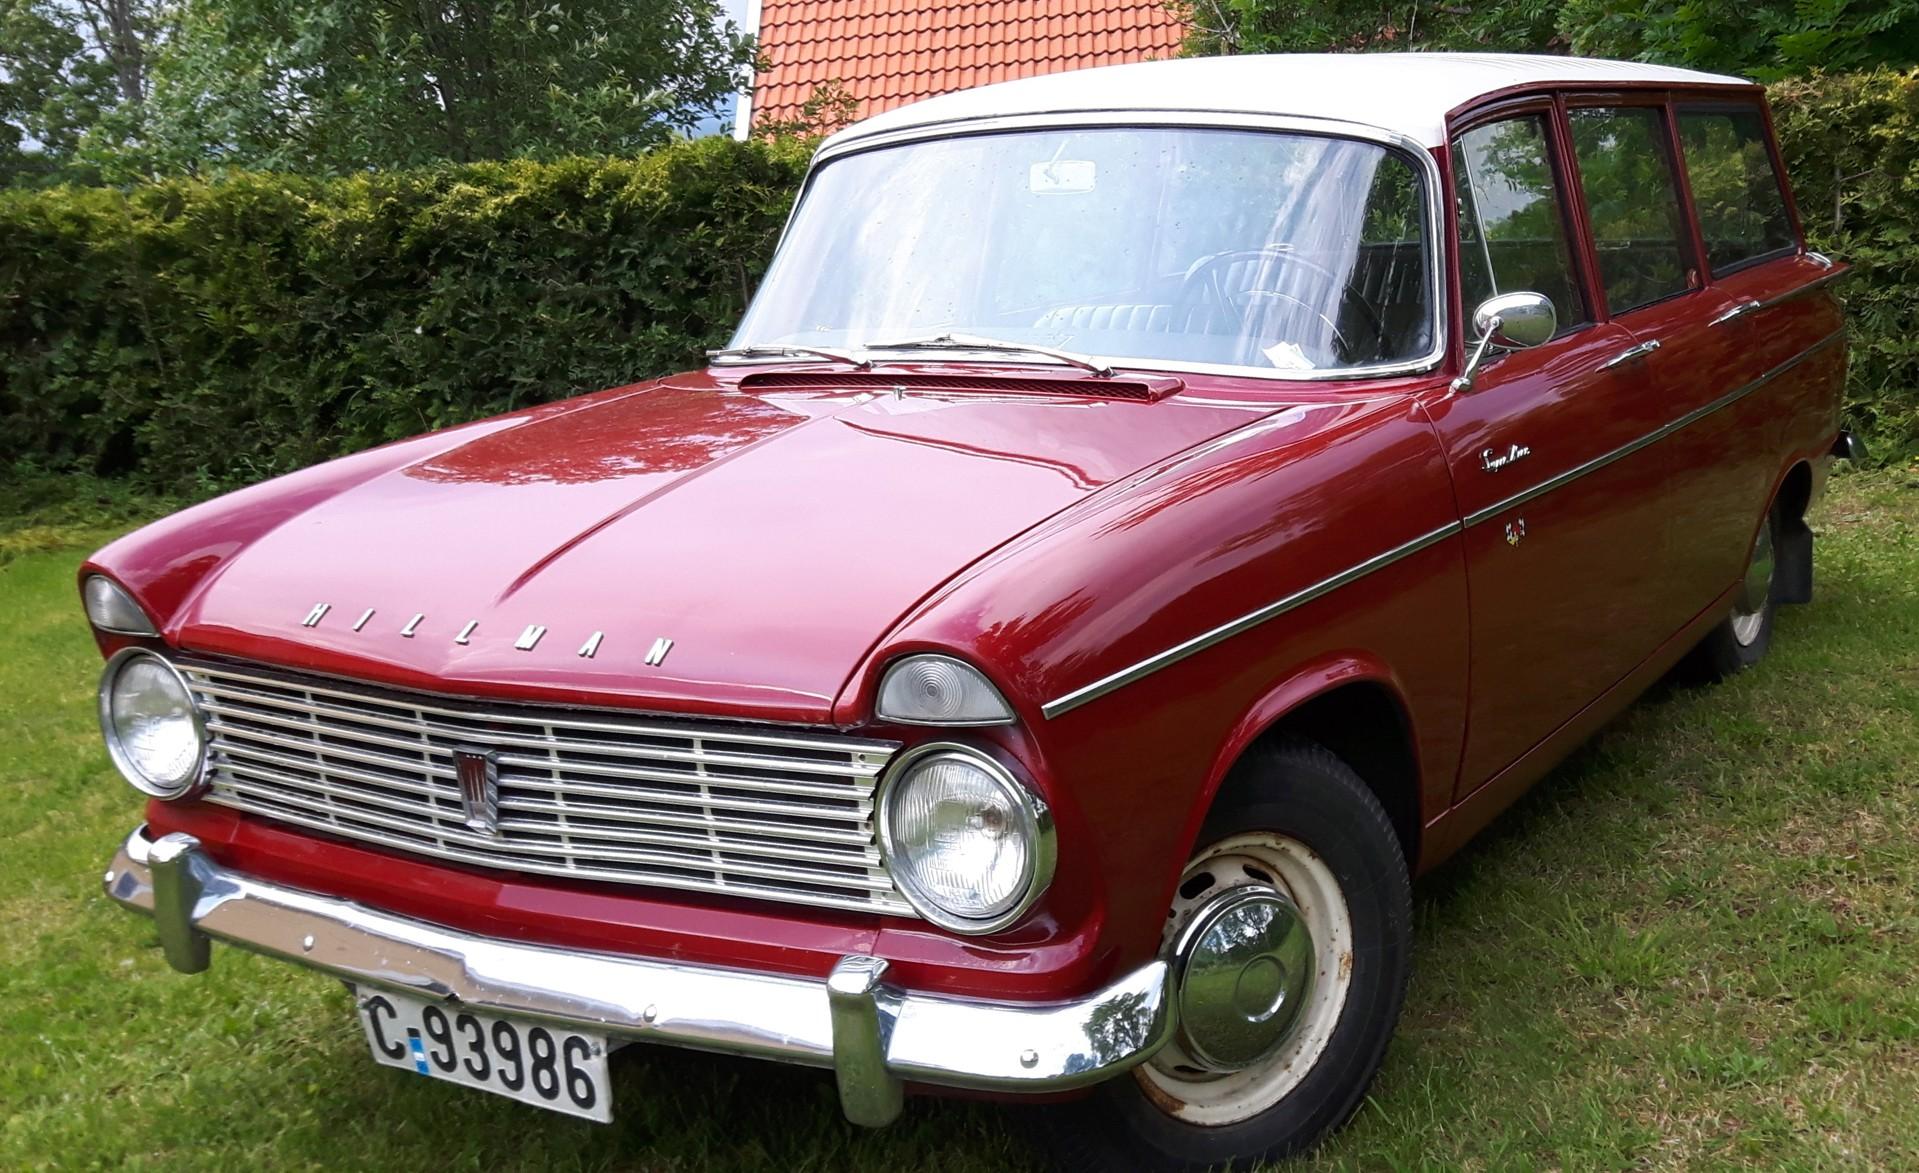 1962 Hillman Super Minx Stasjonsvogn